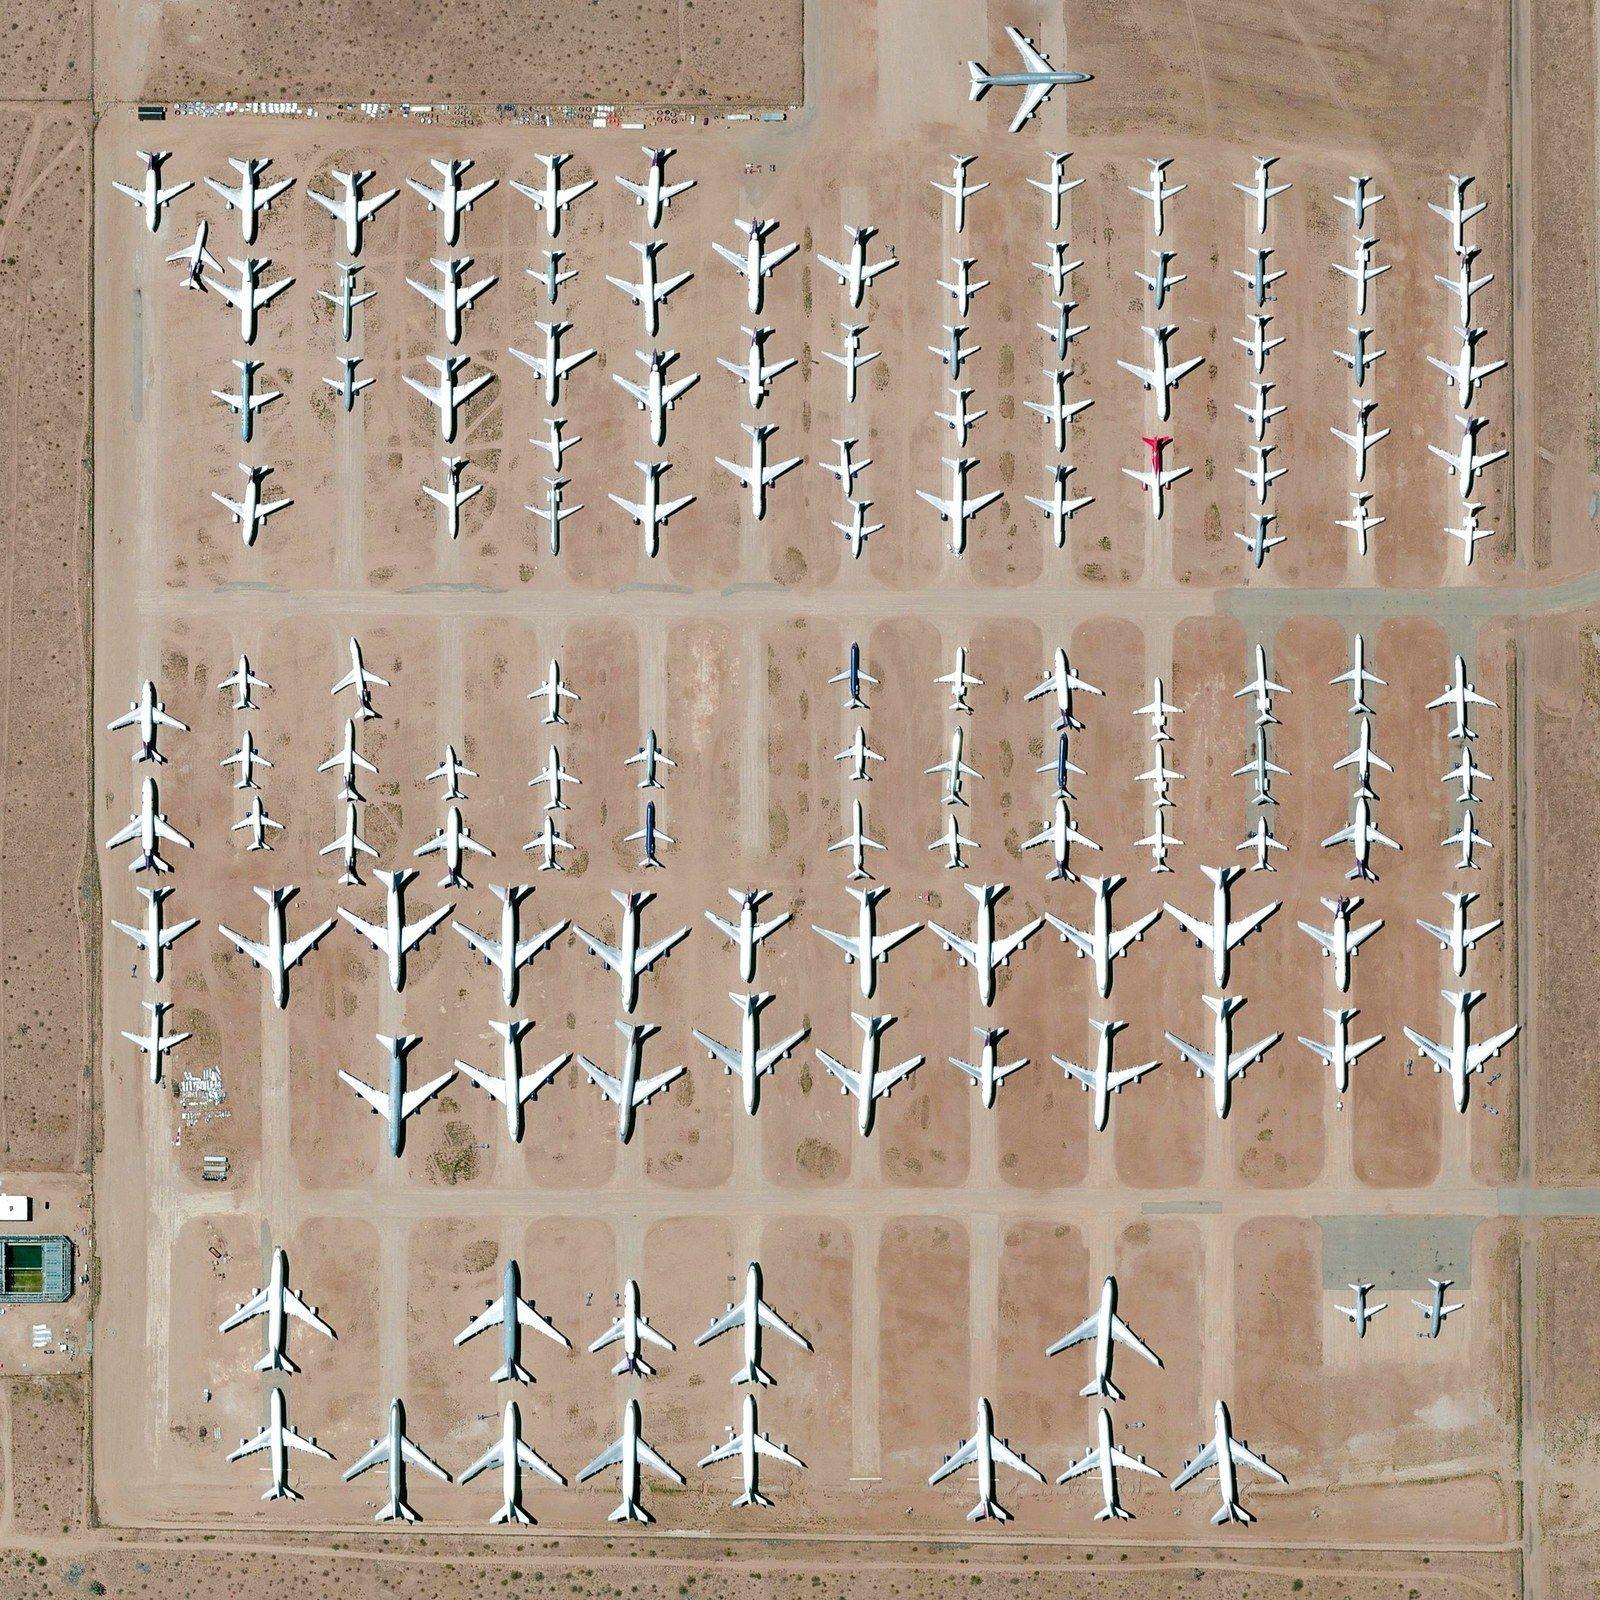 5. El aeropuerto de logística del sur de California en Victorville, California   Estas fotos satelitales te harán sentir totalmente diminuto